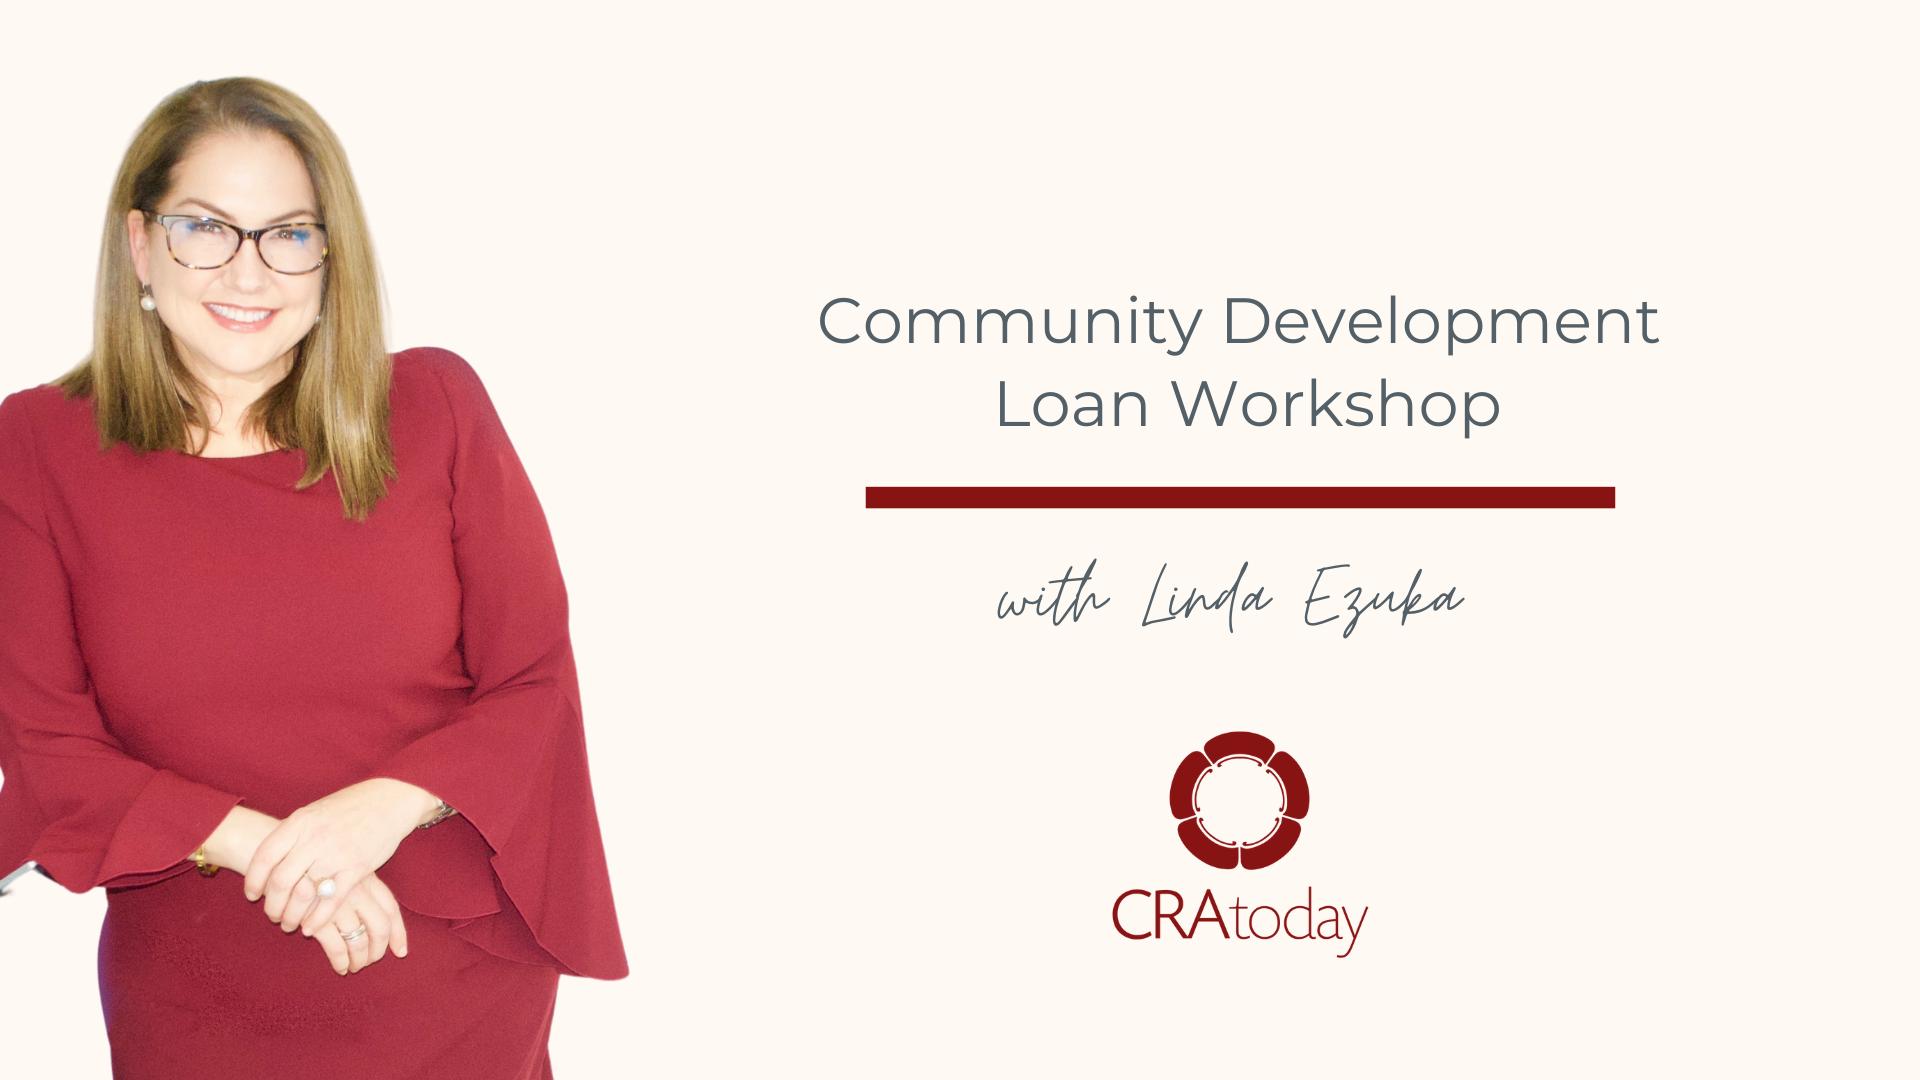 CD Loan Workshop Cover Images (3)